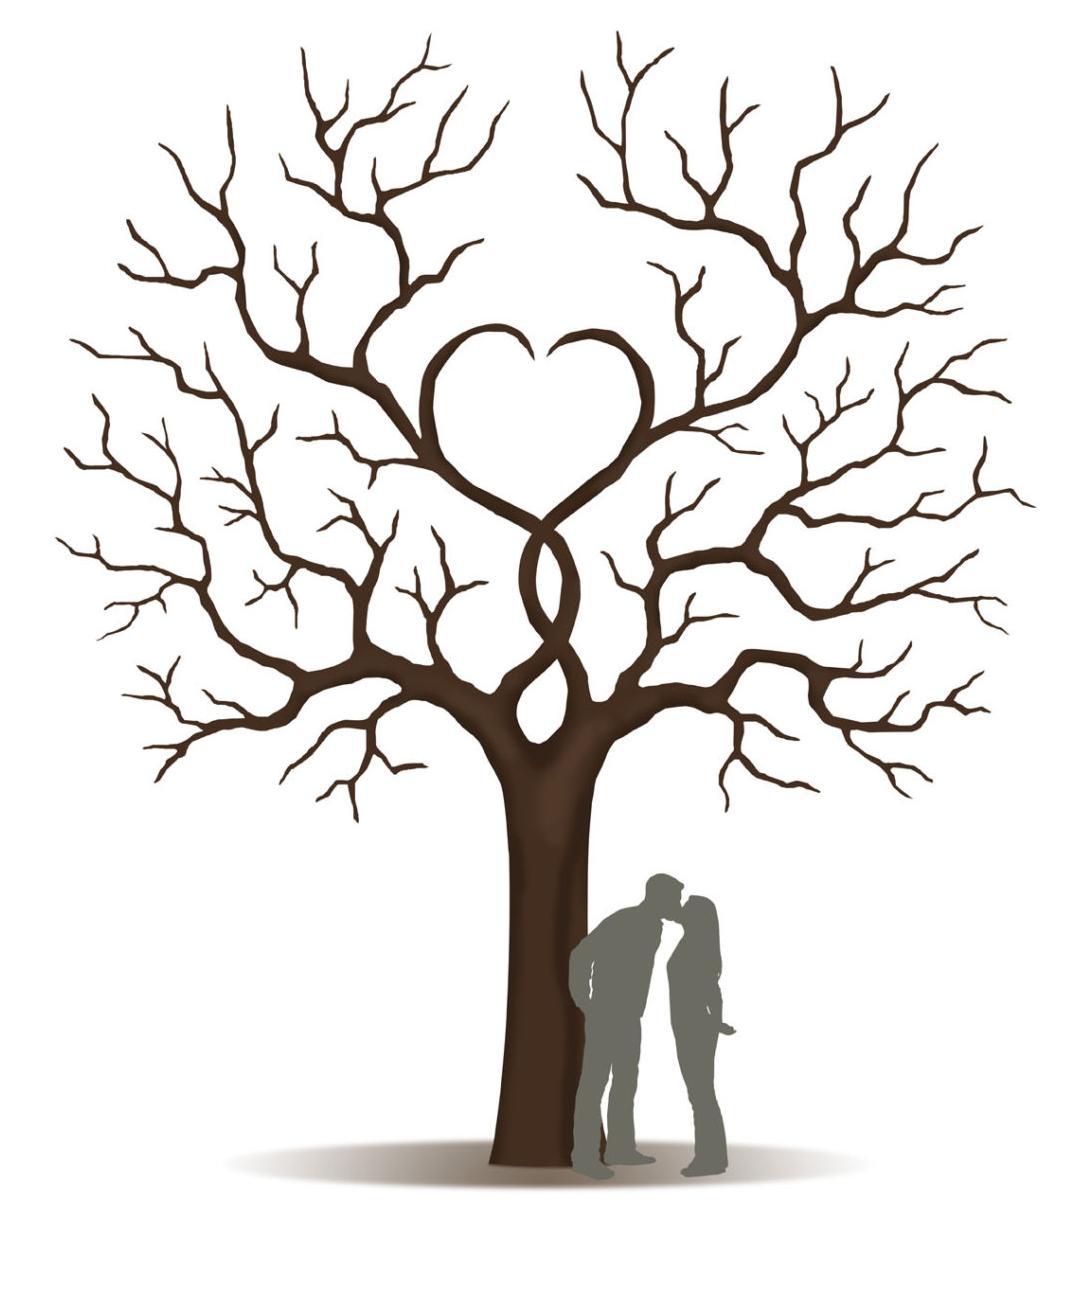 свадебное дерево: форма